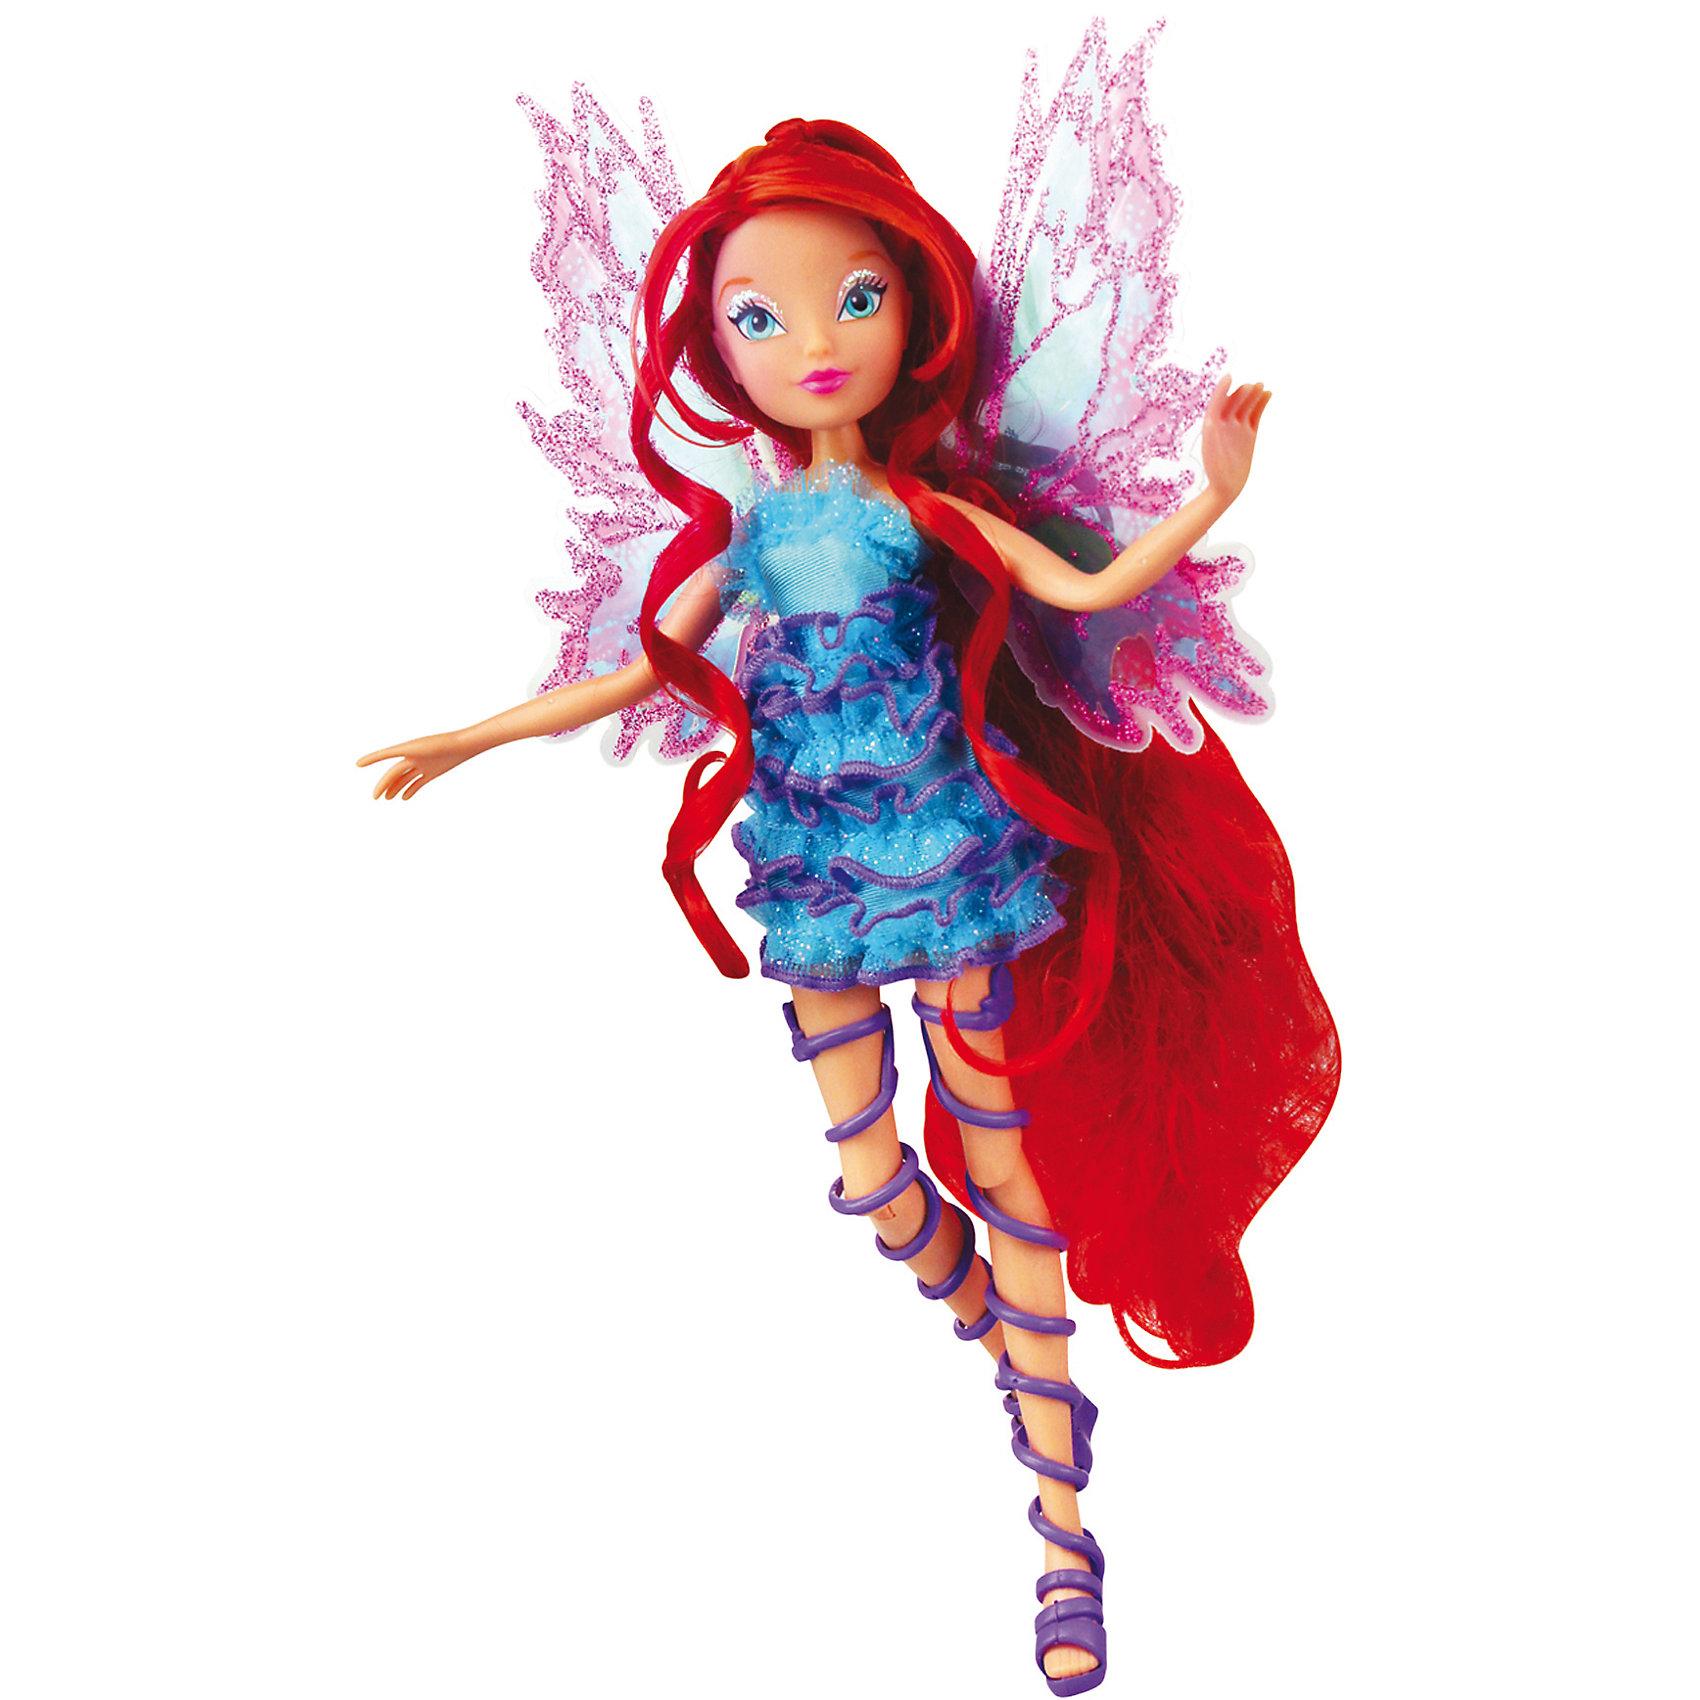 Кукла Winx Club Мификс БлумБренды кукол<br>Очаровательные куколки выглядят в точности так же, как и героини мультсериала «Winx Club» (Винкс Клуб). Красавица -Блум одета в нереальное голубое платье, украшенное нежными рюшами, на ногах куколки - оригинальные босоножки, в руках- волшебный скипетр. Длинные мягкие волосы очень приятно расчесывать, создавая великолепные прически. Позвольте вашей девочке почувствовать себя настоящей феей вместе с любимыми героинями. Собери все куколок, проигрывай запомнившиеся моменты из мультсериала или придумывай свои новые истории! <br><br>Дополнительная информация:<br><br>- Комплектация: кукла, скипетр, съемные крылья, одежда, обувь.<br>- Материал:  пластик, текстиль. <br>- Высота куклы: 27 см.<br>- Голова, руки, ноги подвижные. <br><br>Куклу Winx Club Мификс, Блум, можно купить в нашем магазине.<br><br>Ширина мм: 290<br>Глубина мм: 60<br>Высота мм: 345<br>Вес г: 375<br>Возраст от месяцев: 36<br>Возраст до месяцев: 84<br>Пол: Женский<br>Возраст: Детский<br>SKU: 4345034